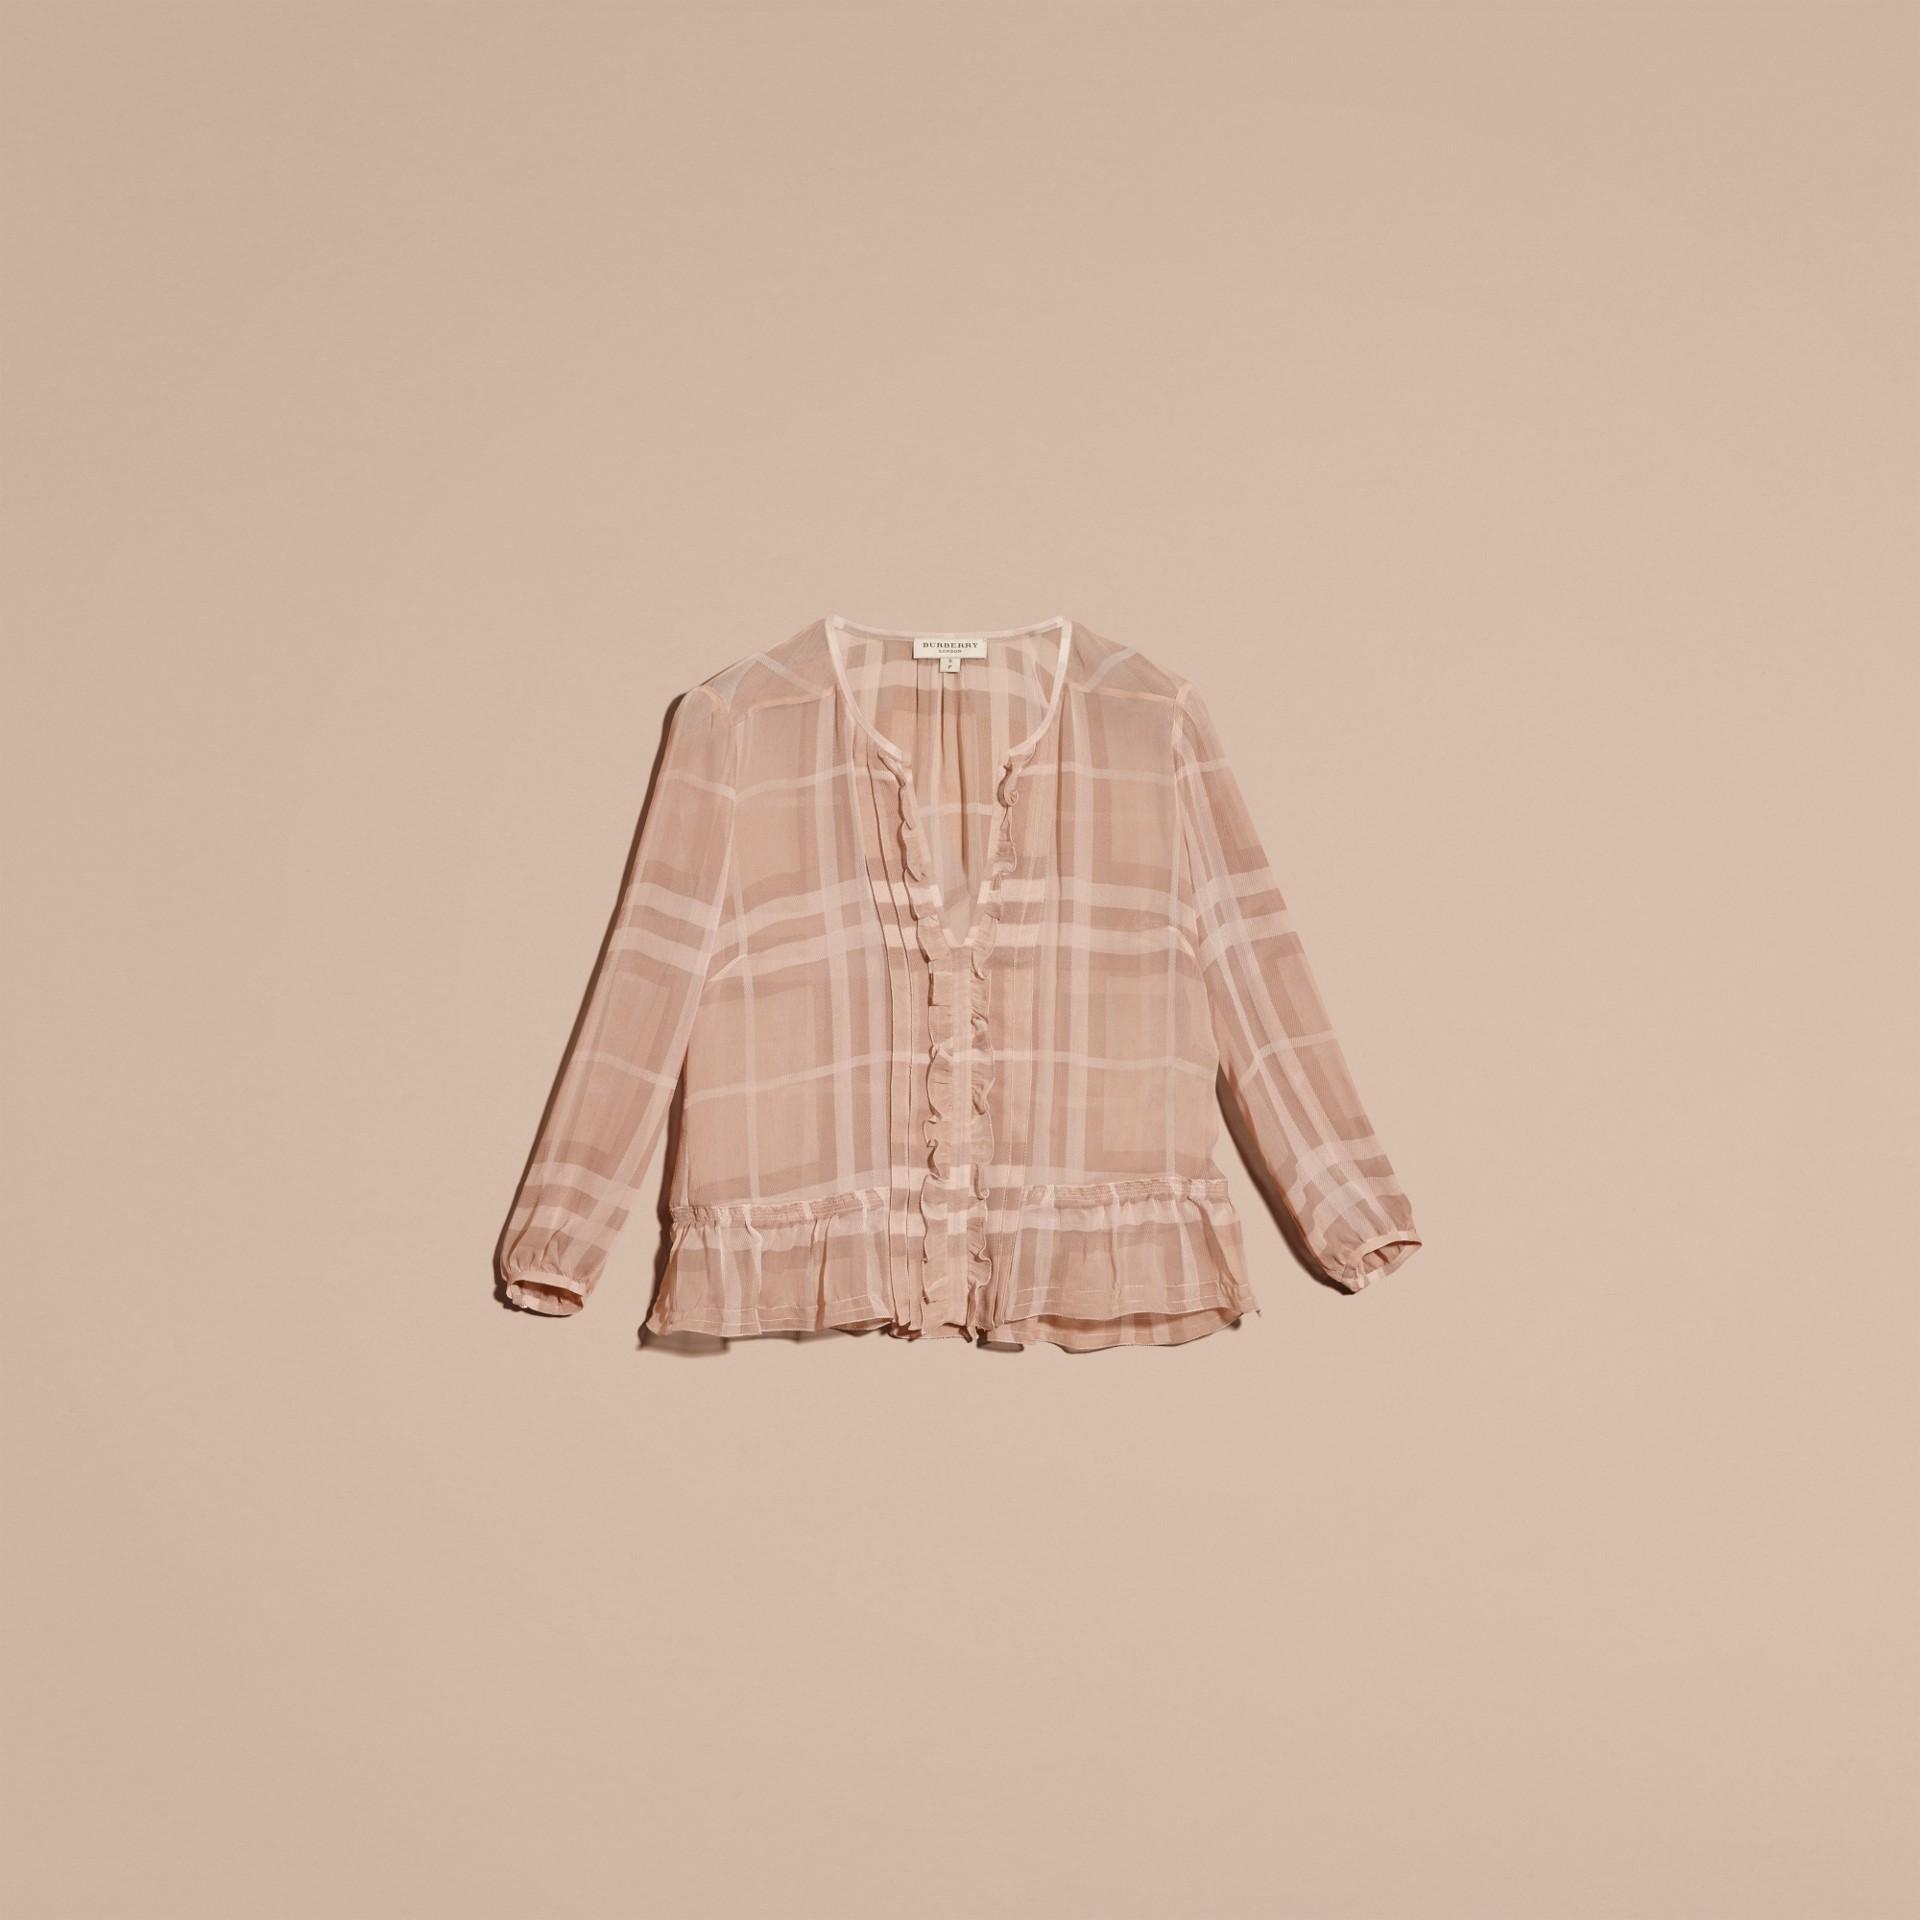 Camisola de checks en crespón de seda con detalles fruncidos Nude - imagen de la galería 4